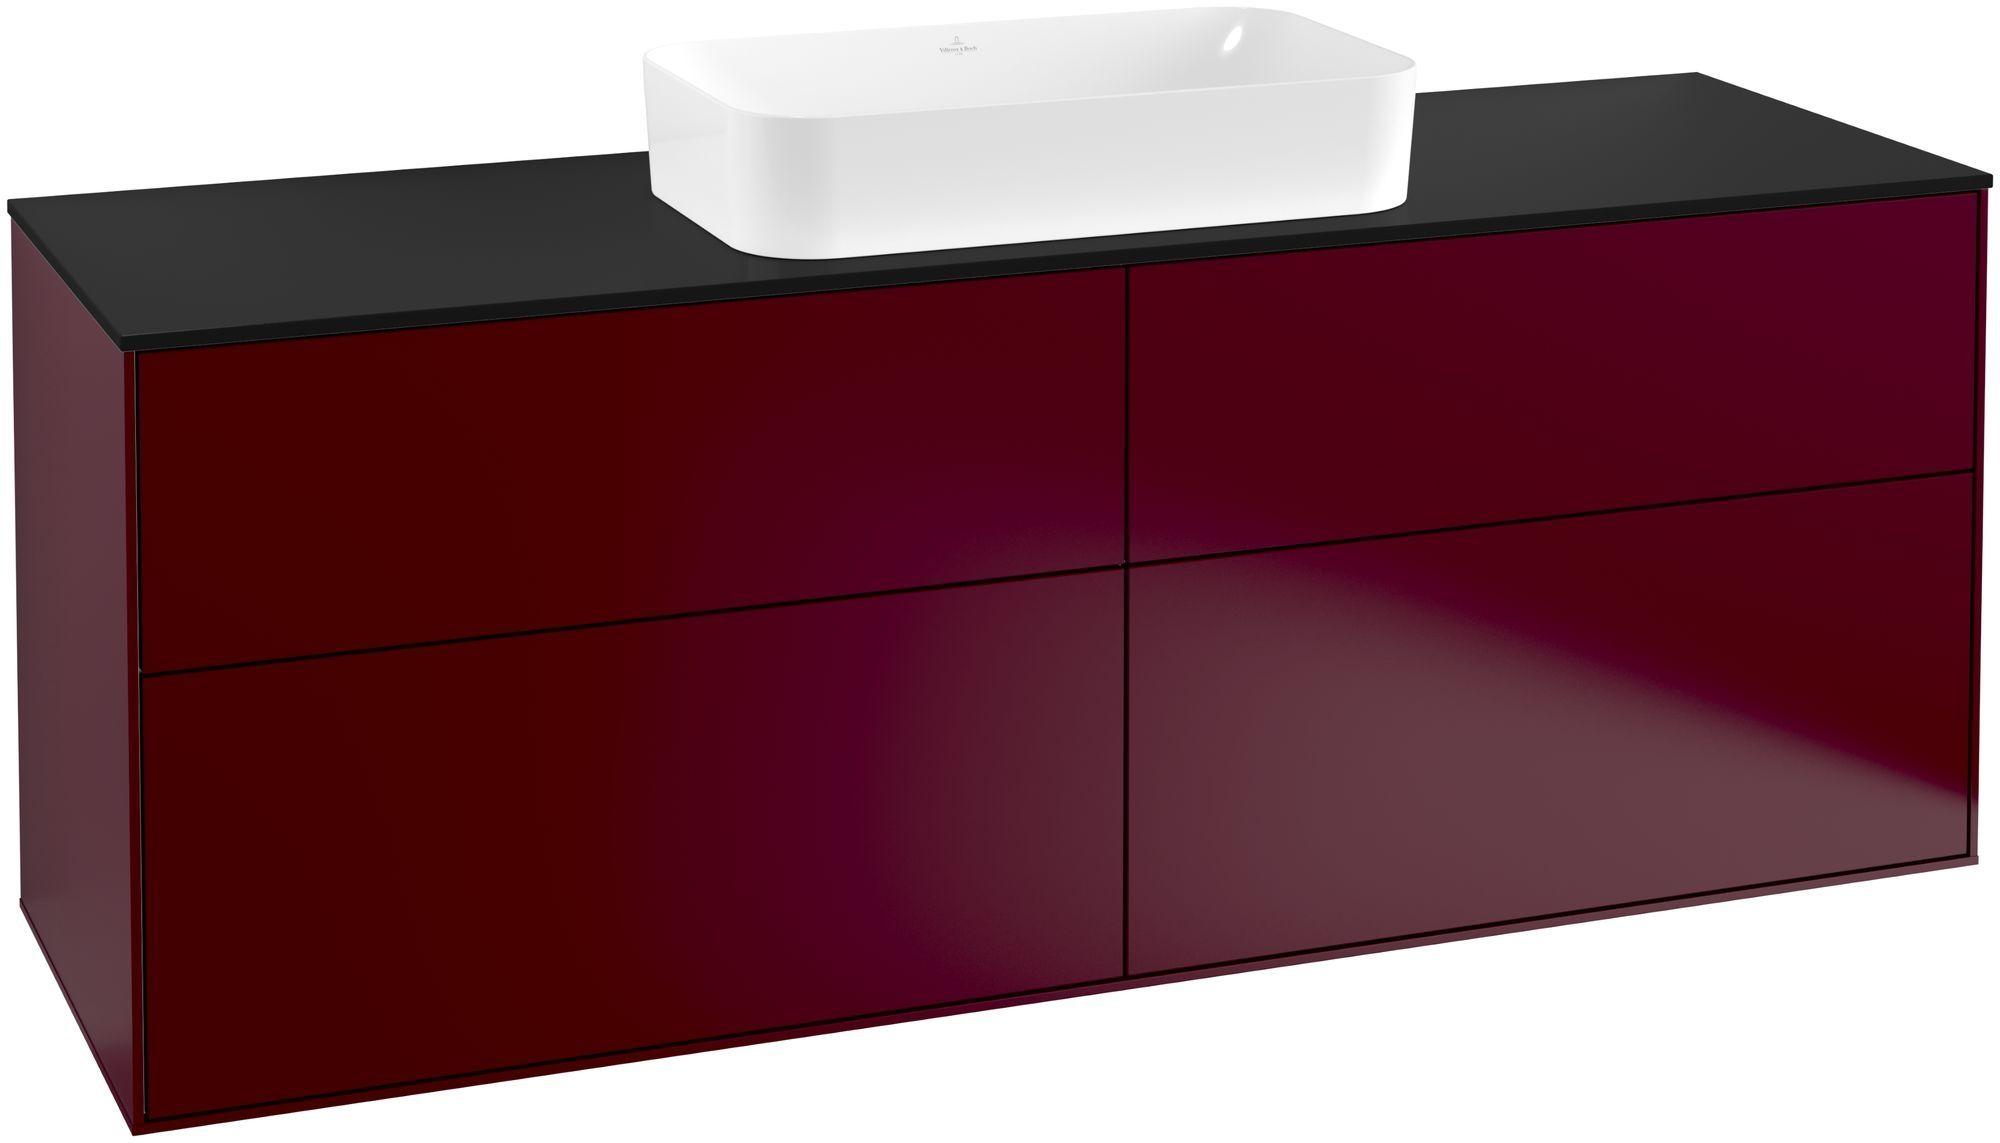 Villeroy & Boch Finion F32 Waschtischunterschrank 4 Auszüge Waschtisch mittig B:160xH:60,3xT:50,1cm Front, Korpus: Peony, Glasplatte: Black Matt F32200HB